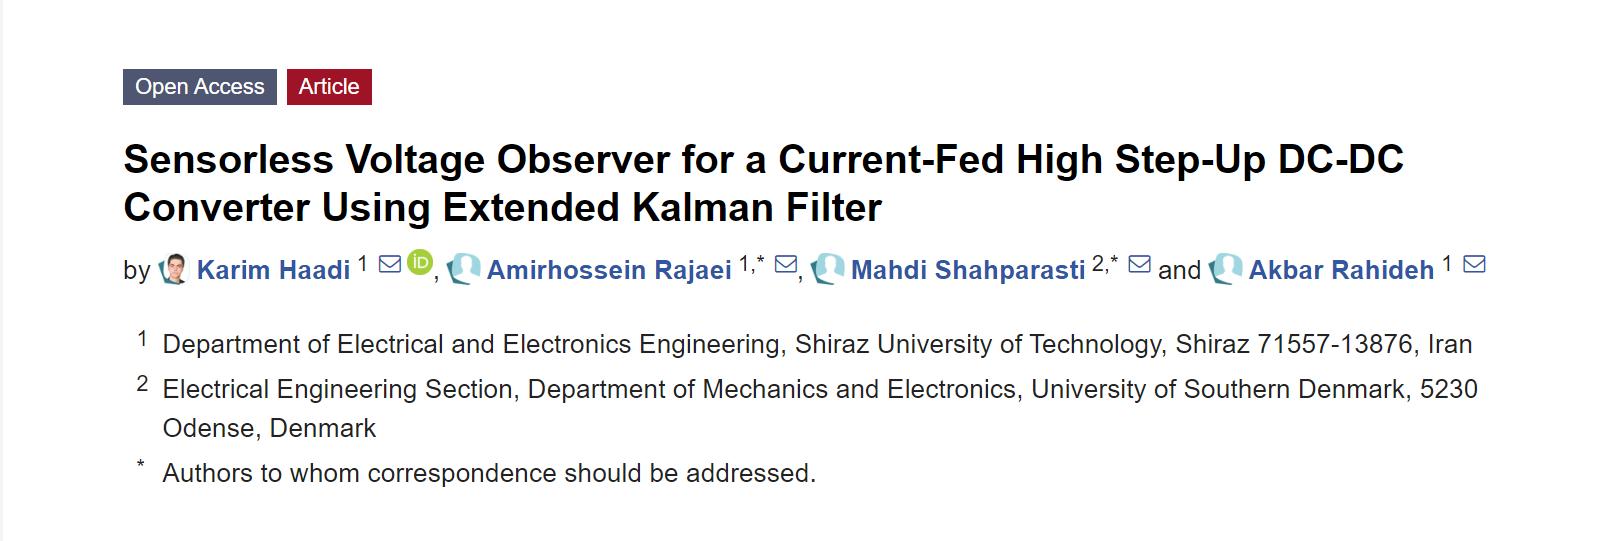 《【天富登陆app】新型无传感器电压观测器,可有效降低DC-DC变换器的成本!》